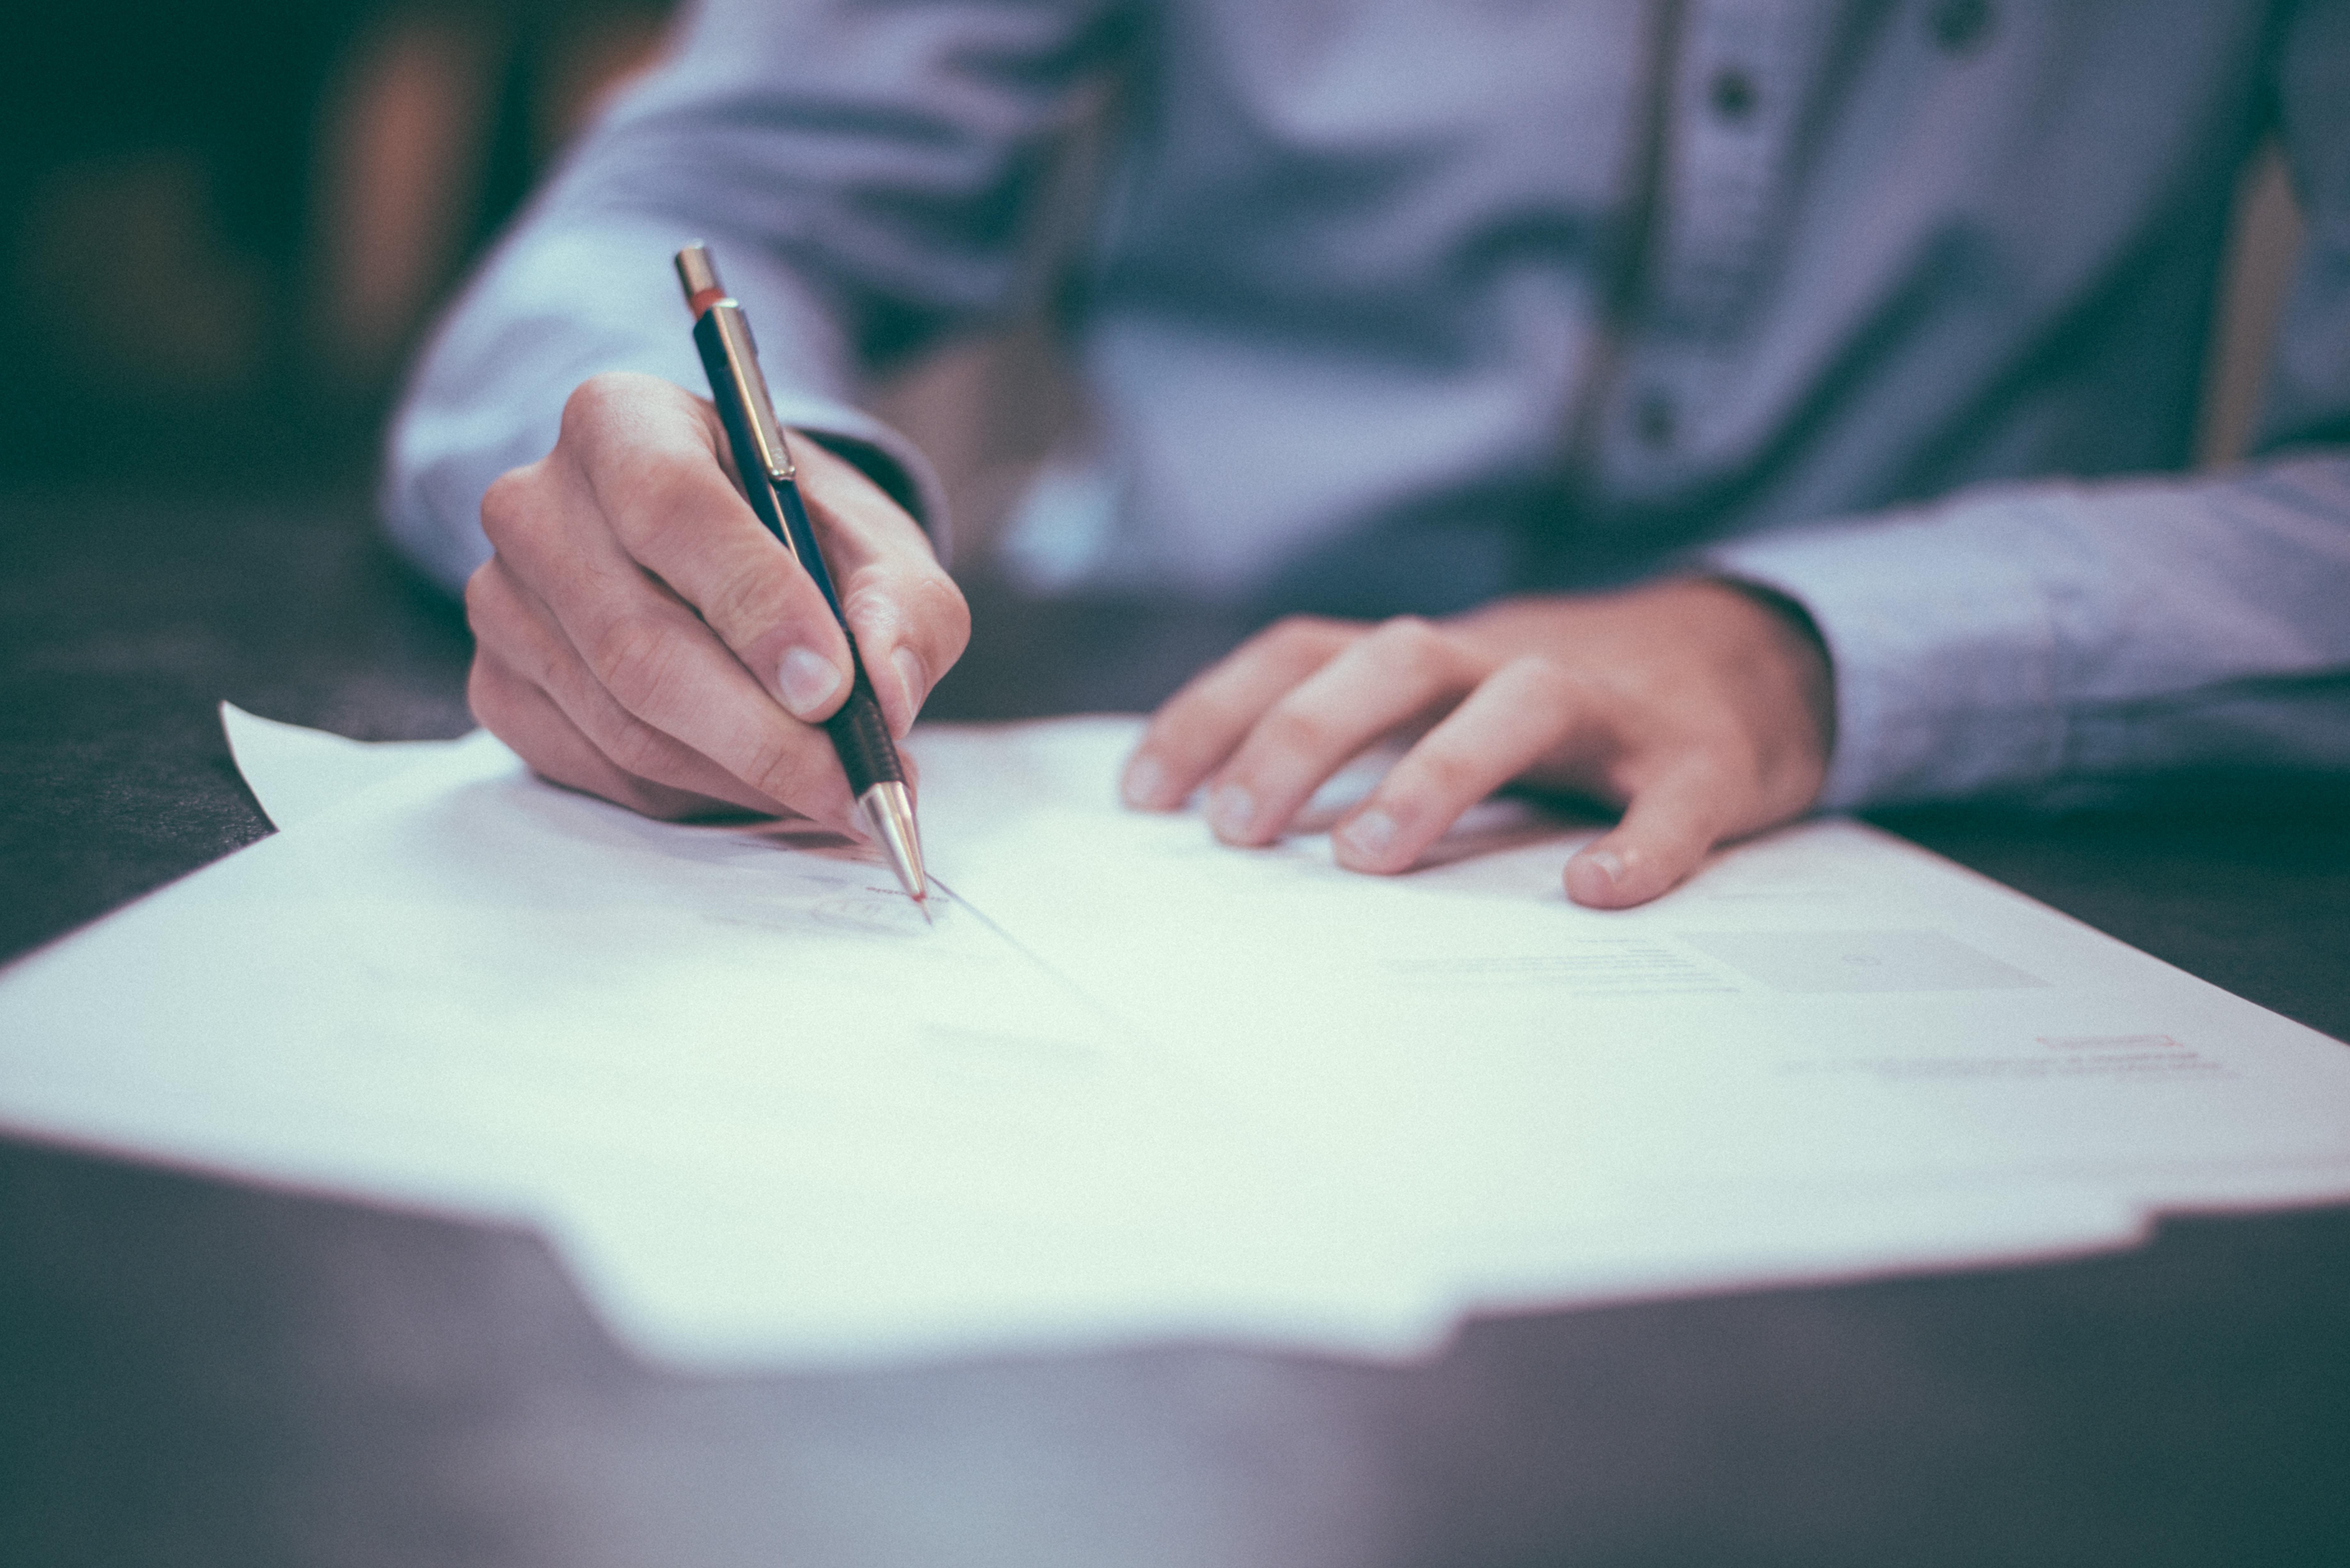 Voldoet aan de gemeentelijke inkoopvoorwaarden bij IT